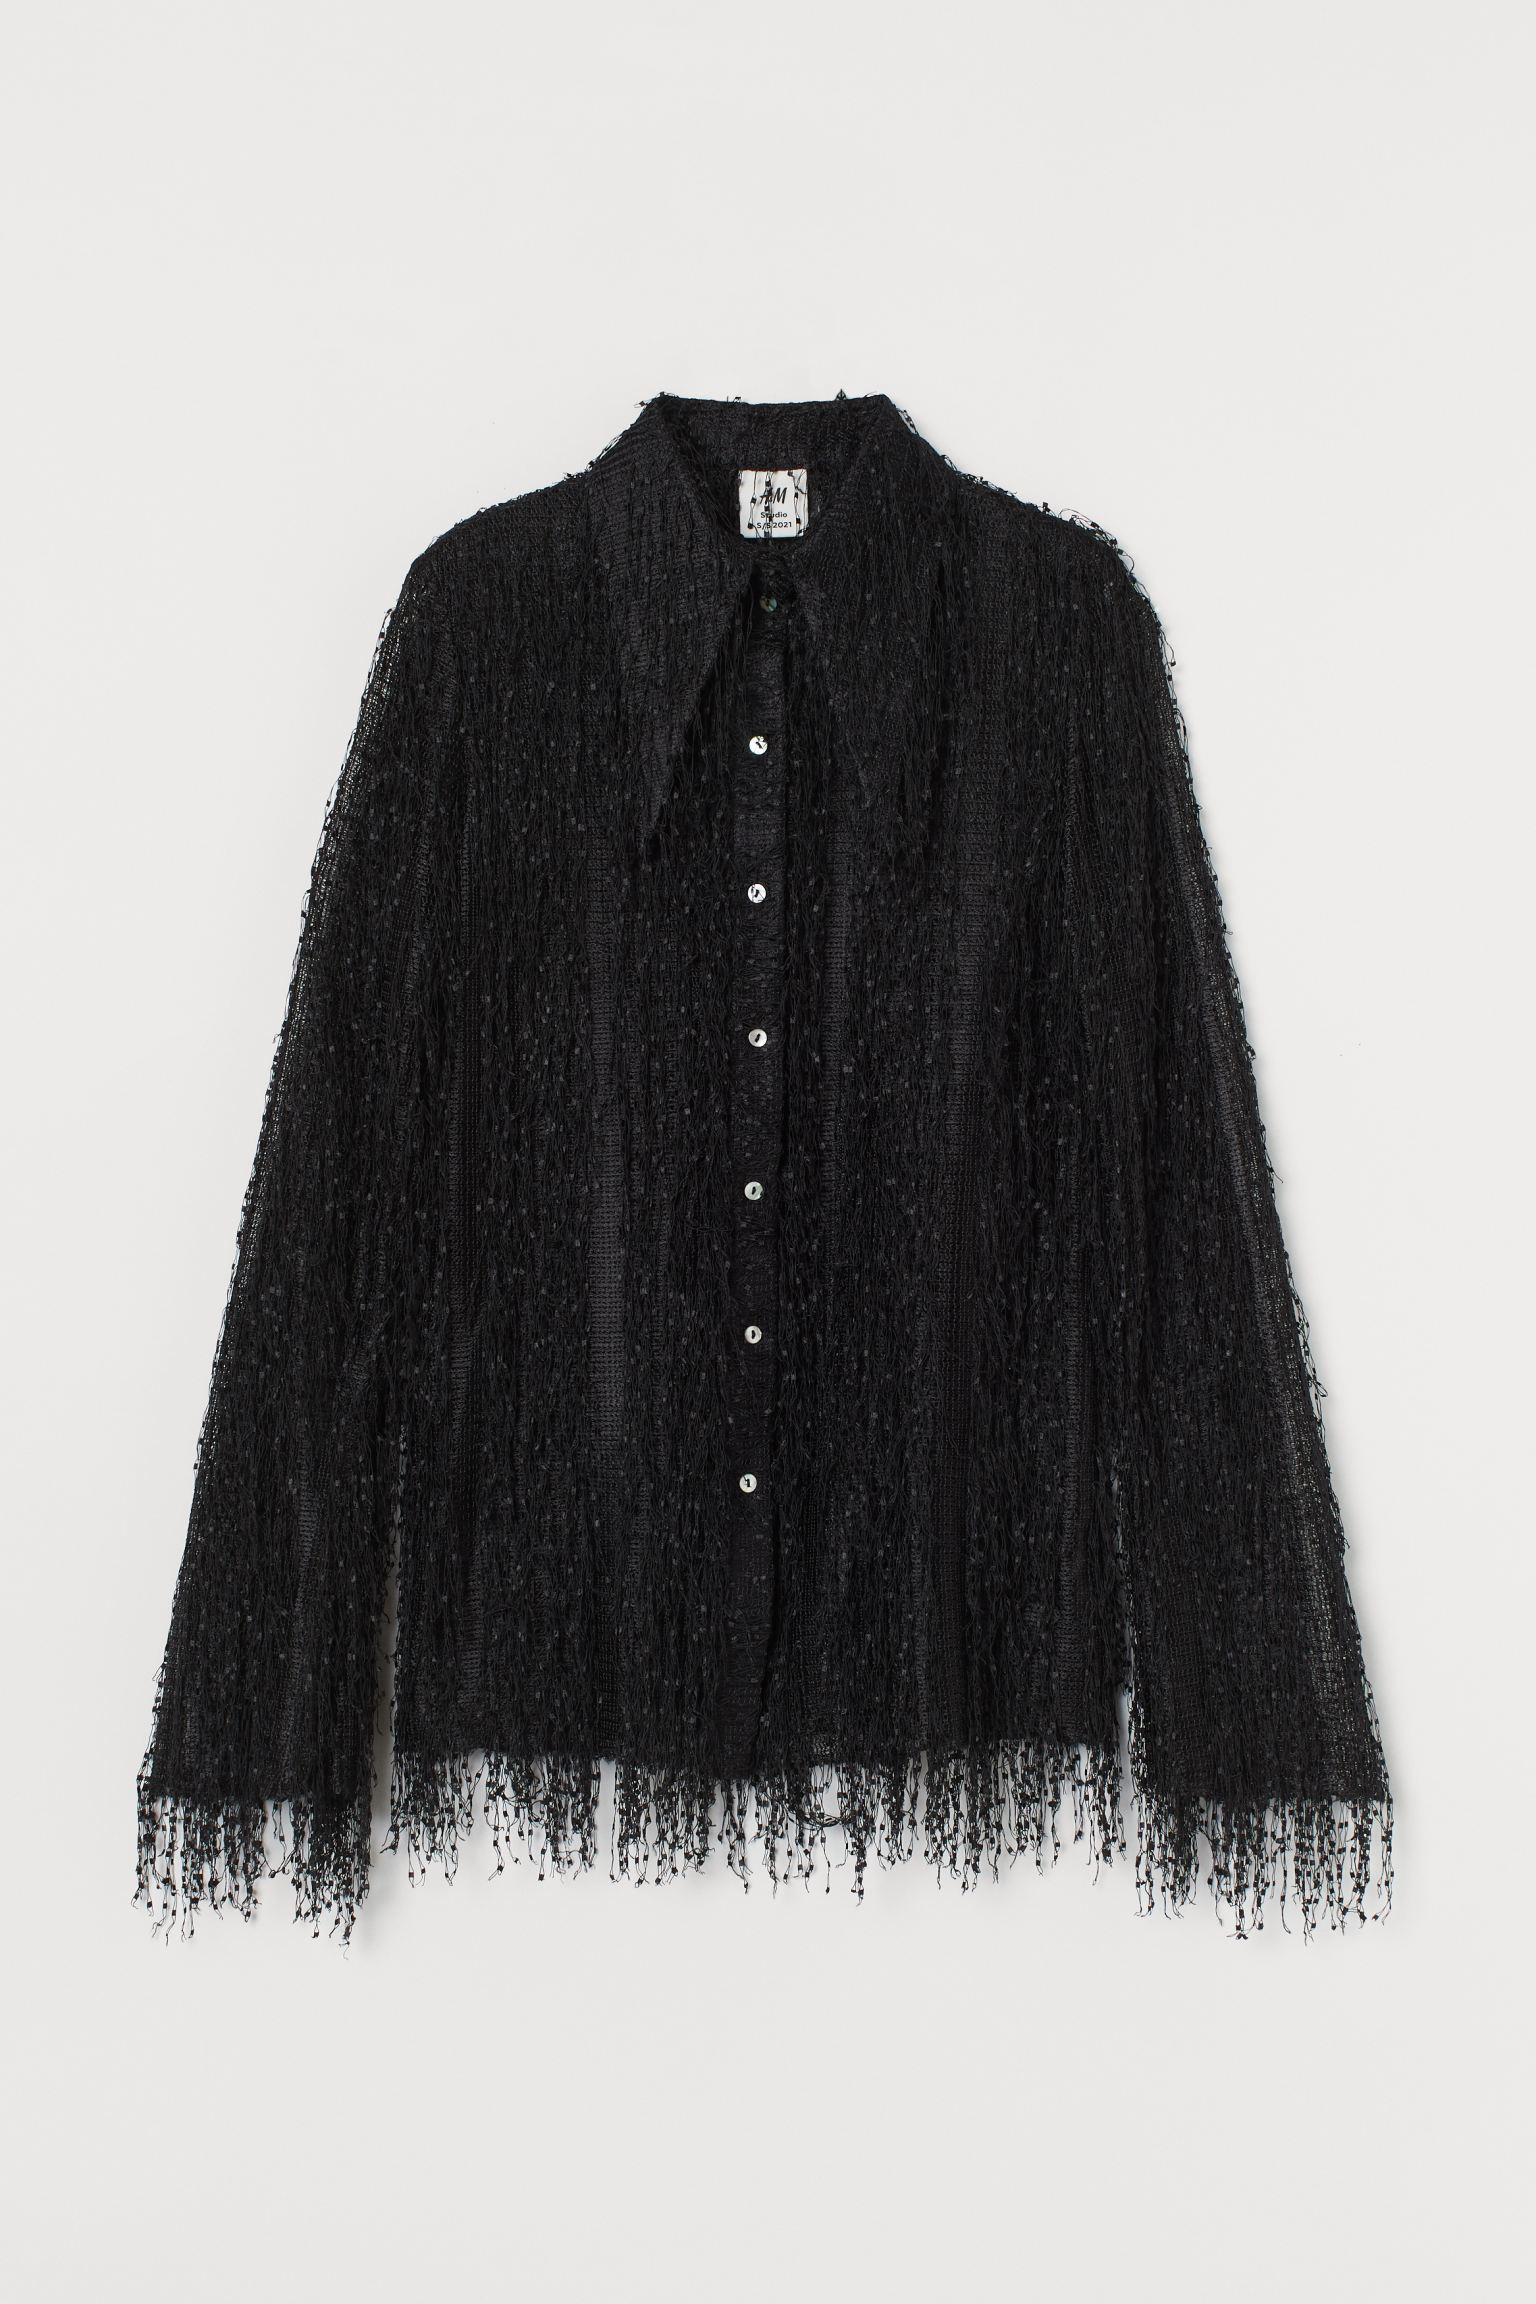 Studio Collection. Camisa transparente en tejido holgado con flecos. Modelo recto con cuello de pico sobredimensionado, botones nacarados delante y mangas trompeta largas.